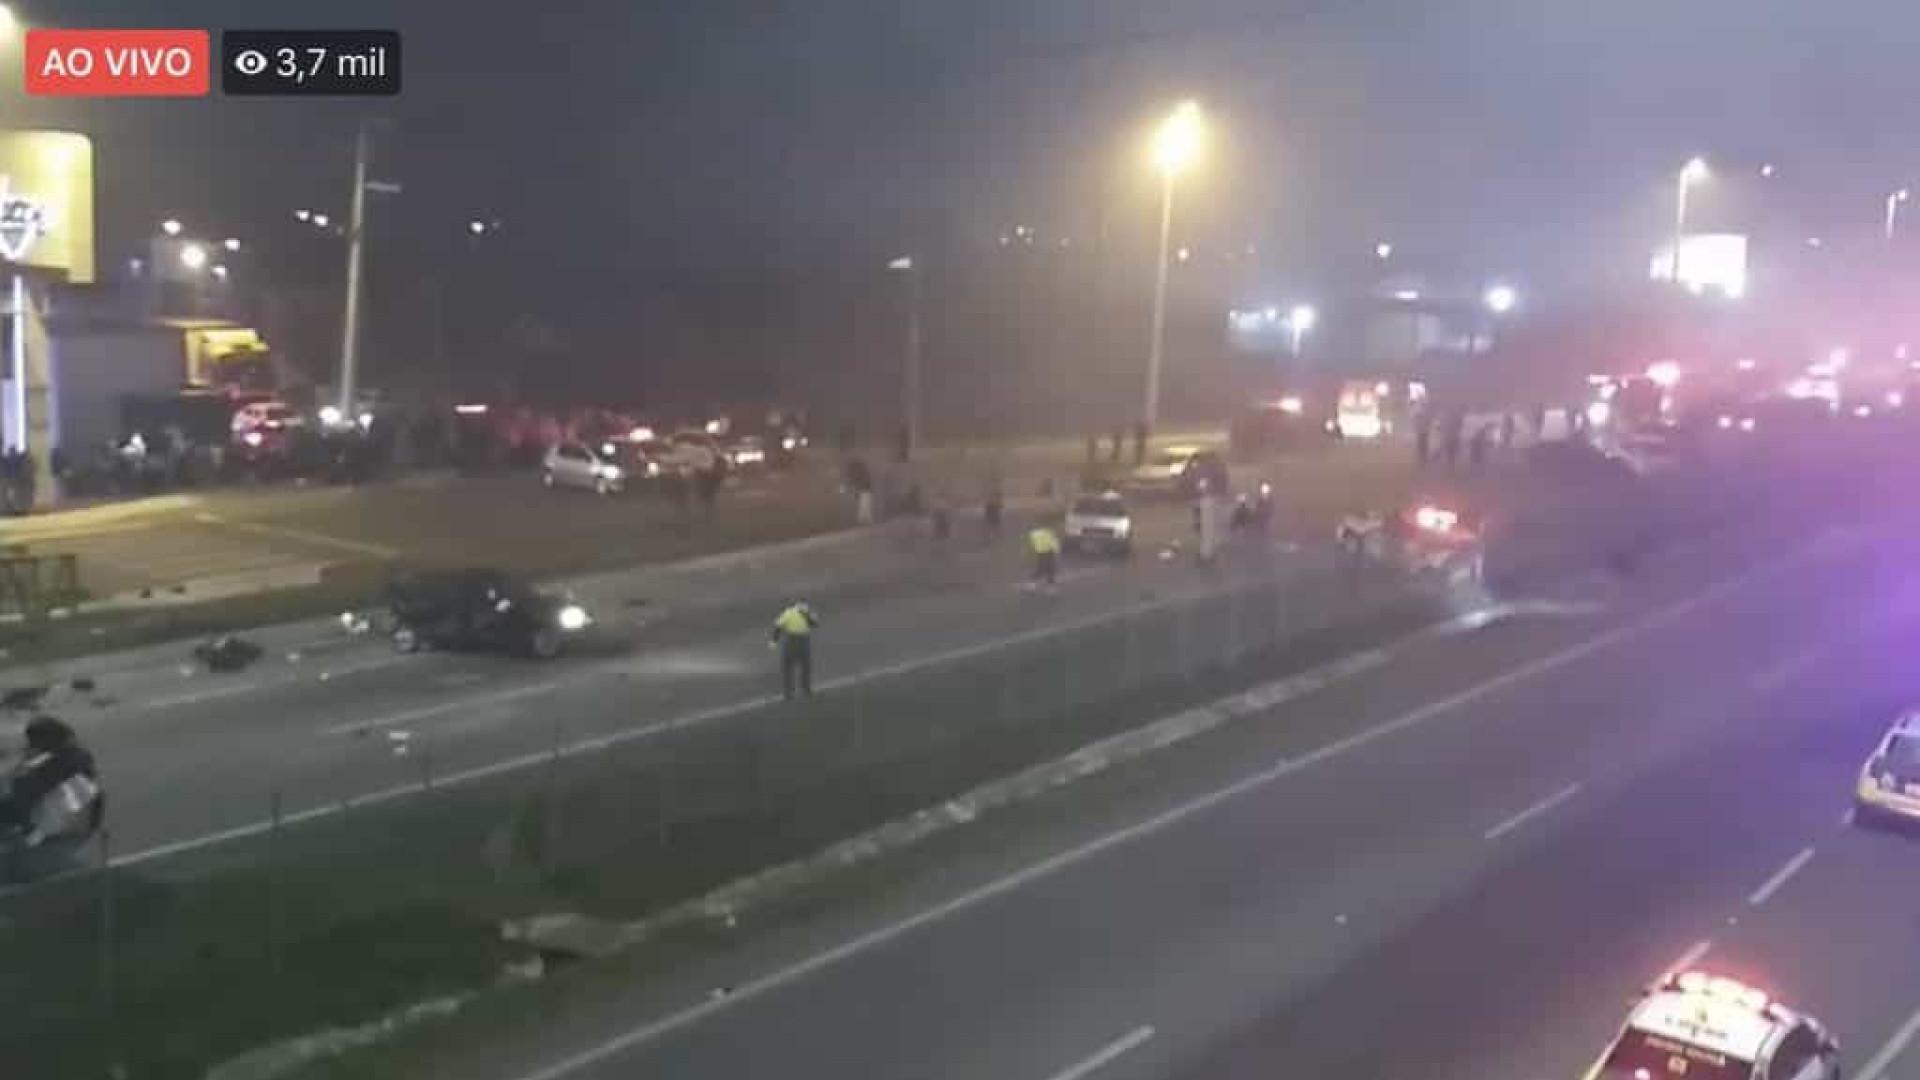 Acidente no Paraná deixa ao menos 8 mortos